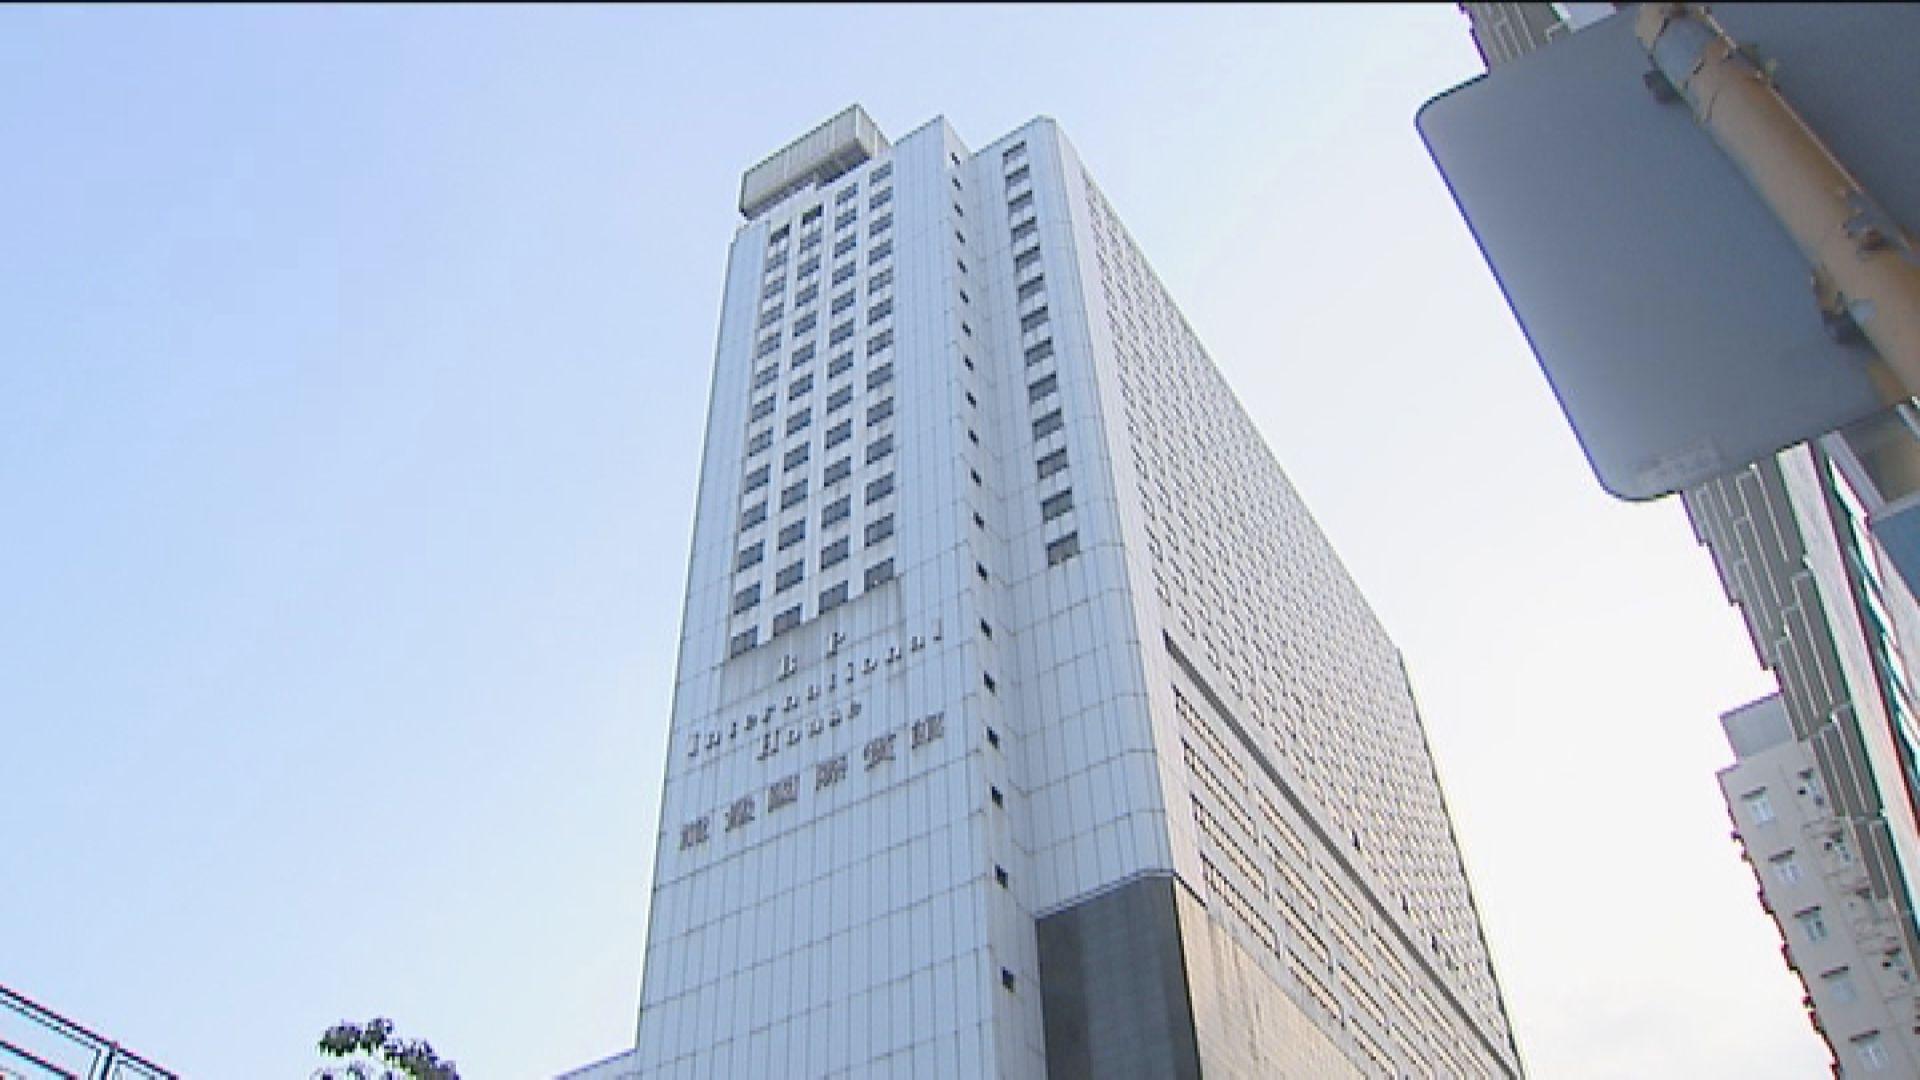 深圳抵港後轉飛日本男子抵日後確診 入住酒店及工作地點須強檢